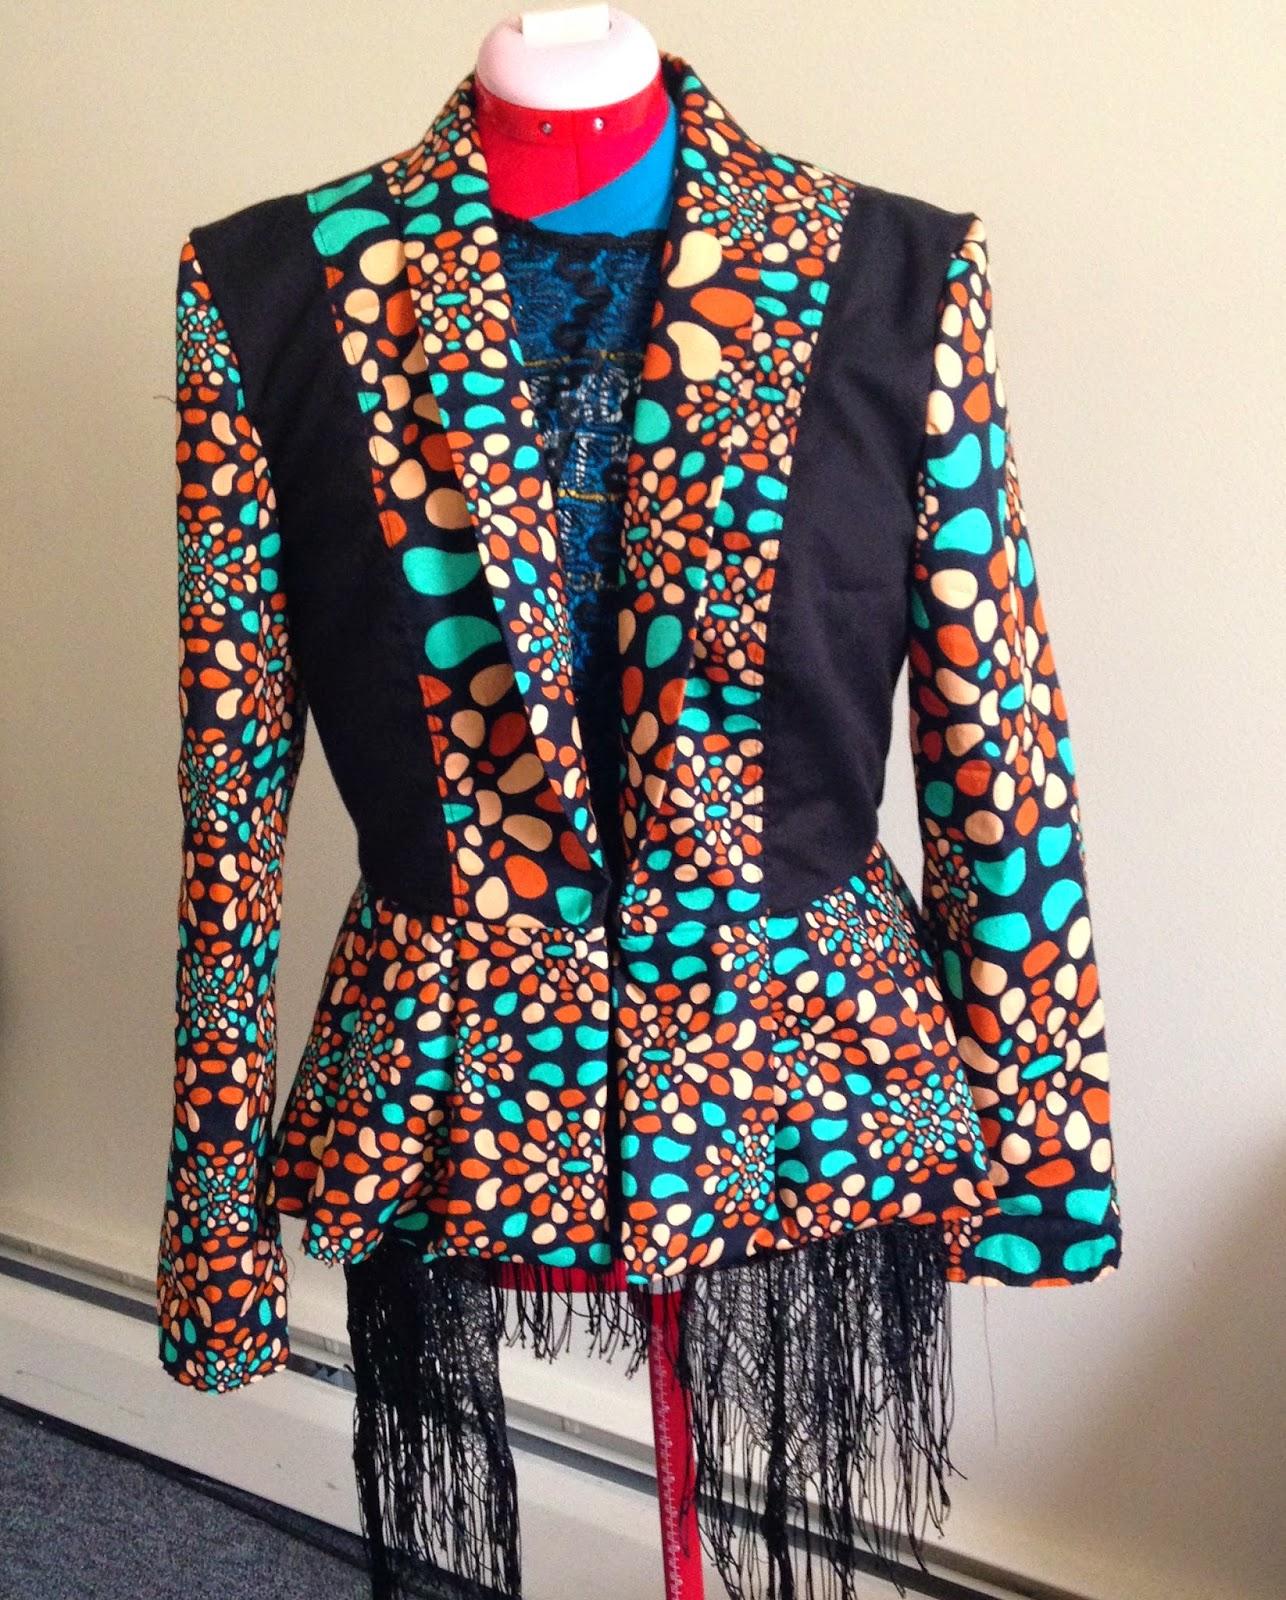 Ankara Blazer Designs | Zichie Designs Special Request Ankara Blazer